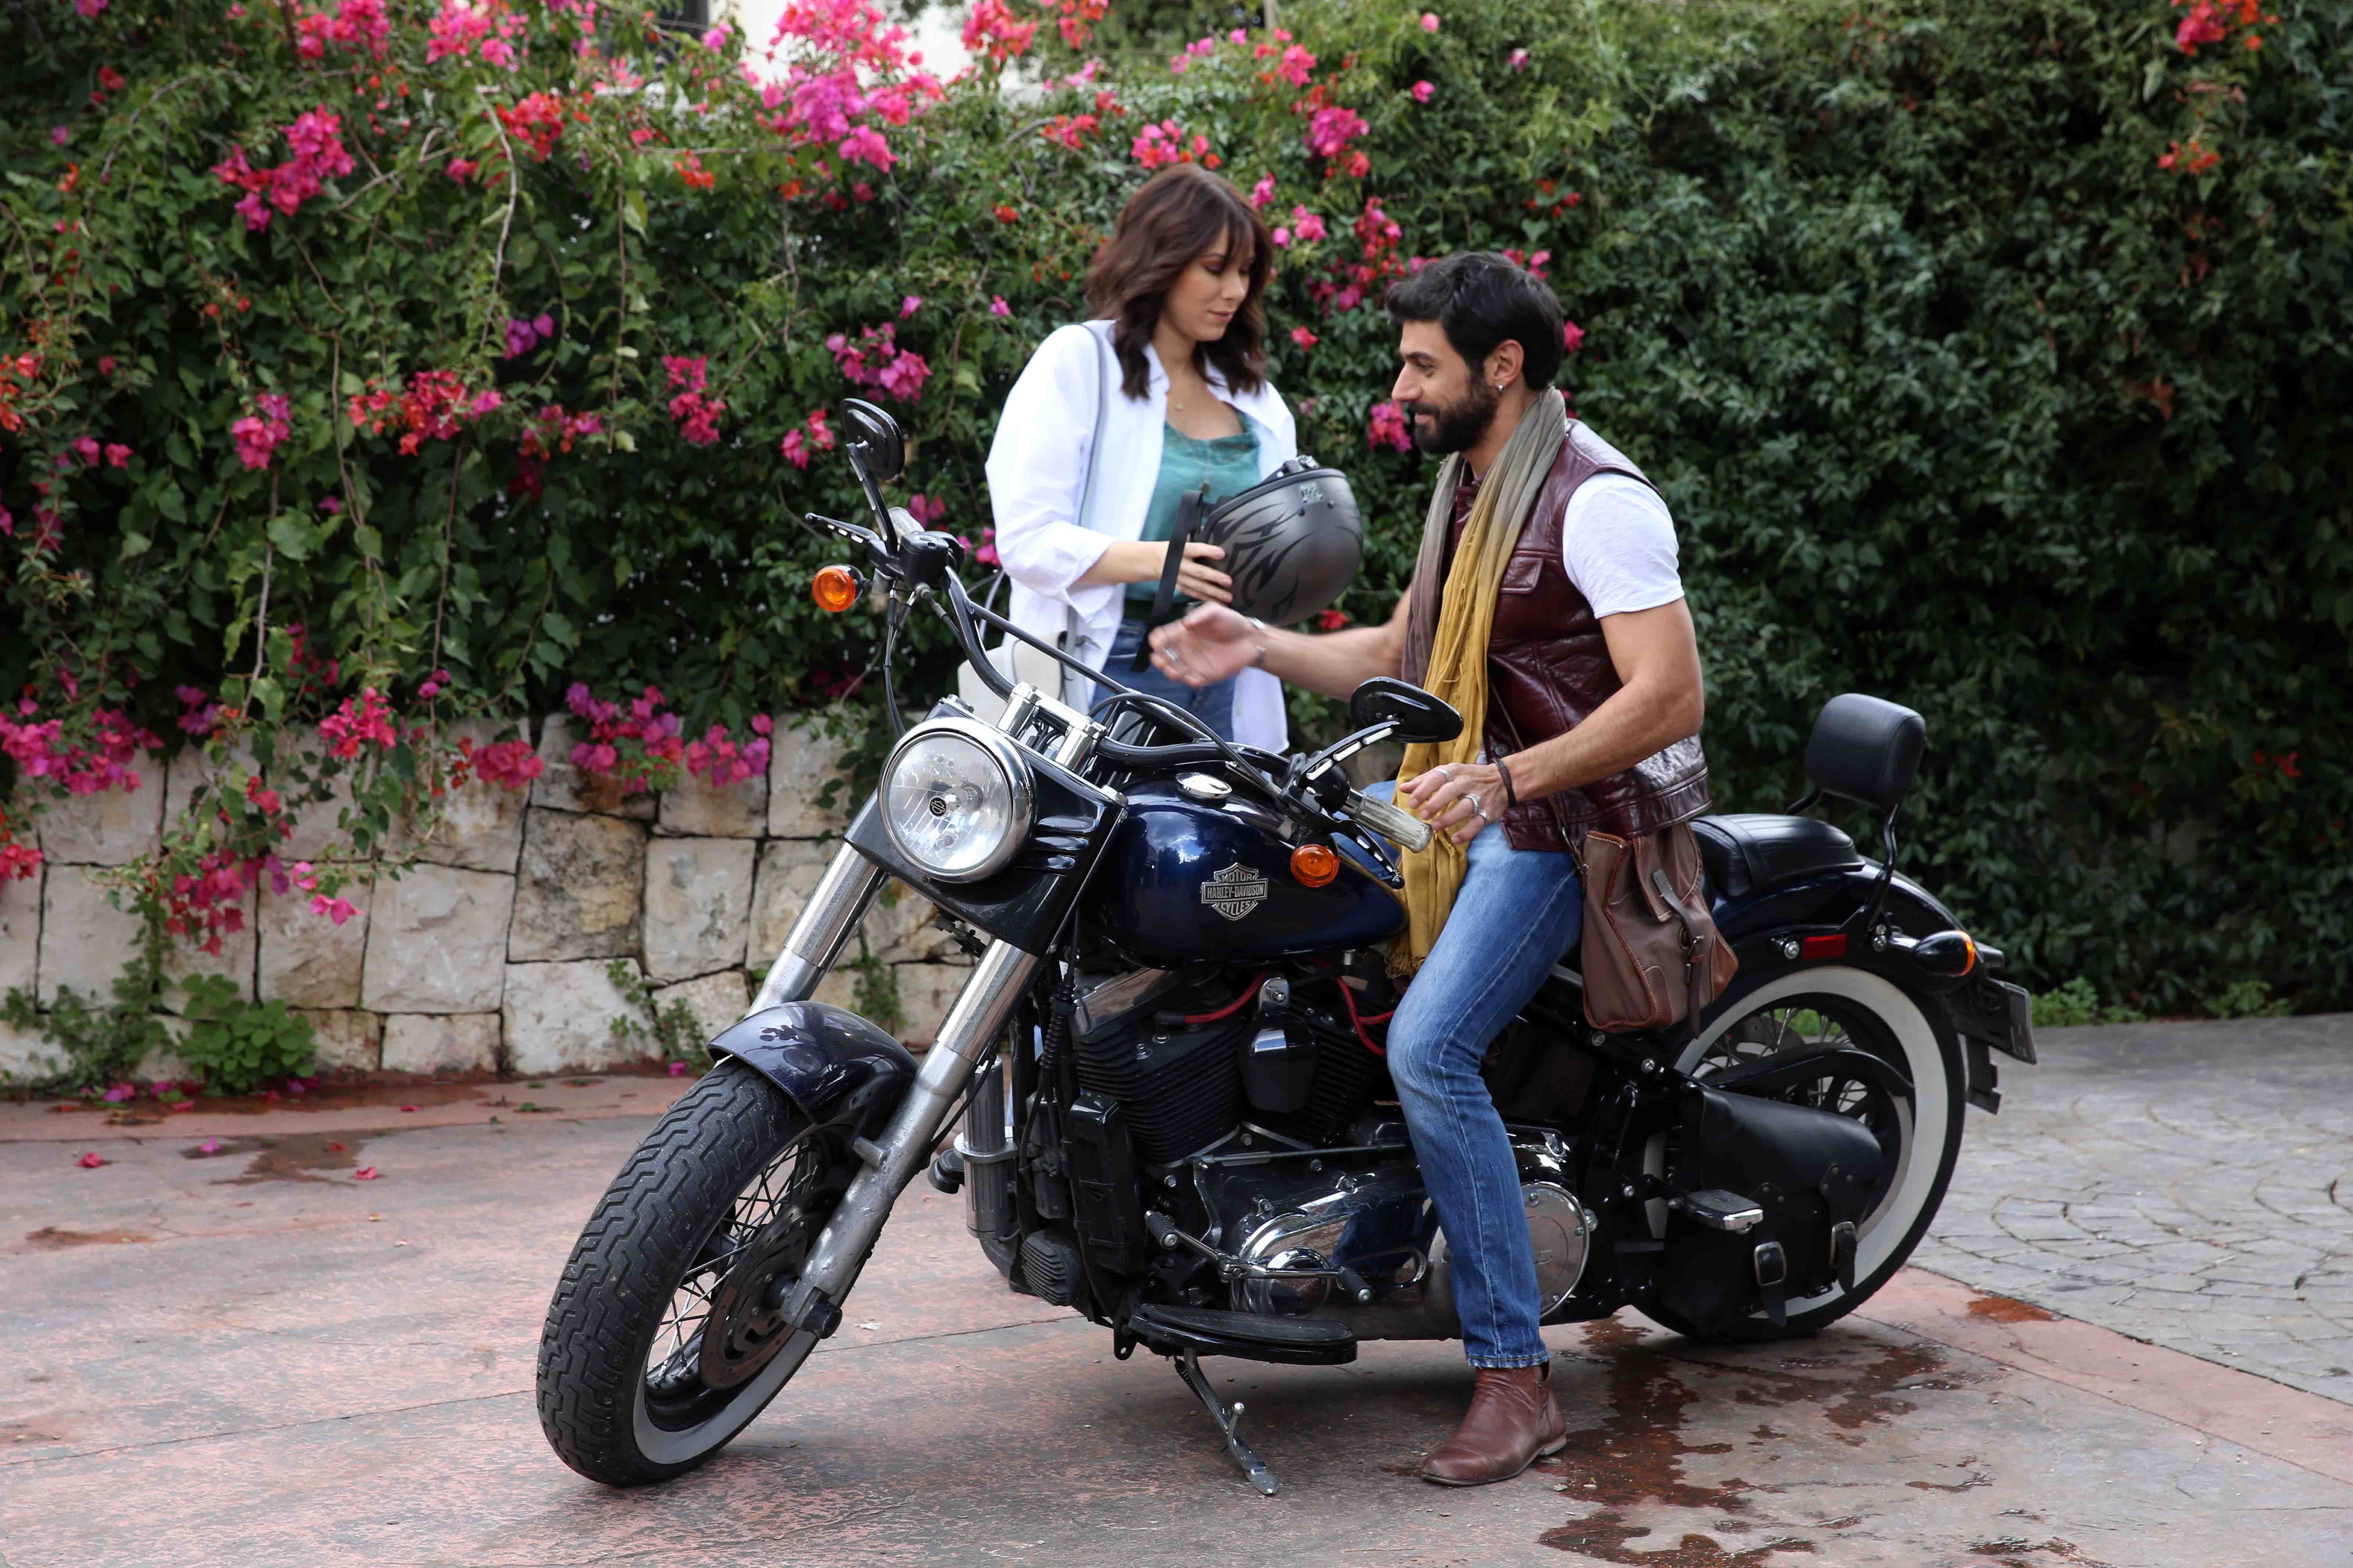 MBC4- Lebanese Drama- Al Awda- Daniella Rahme and Wissam Fares